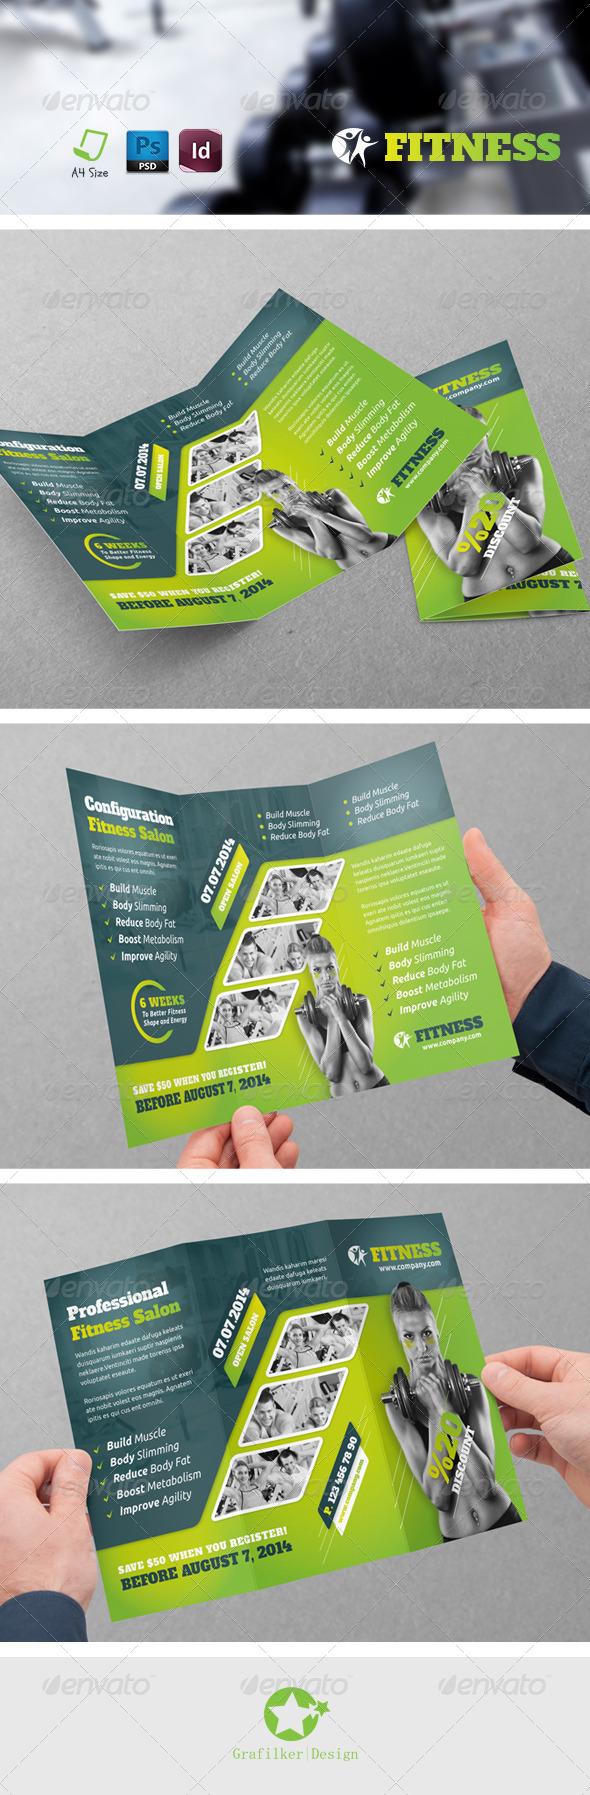 GraphicRiver Fitness Salon Tri-Fold Templates 7619572